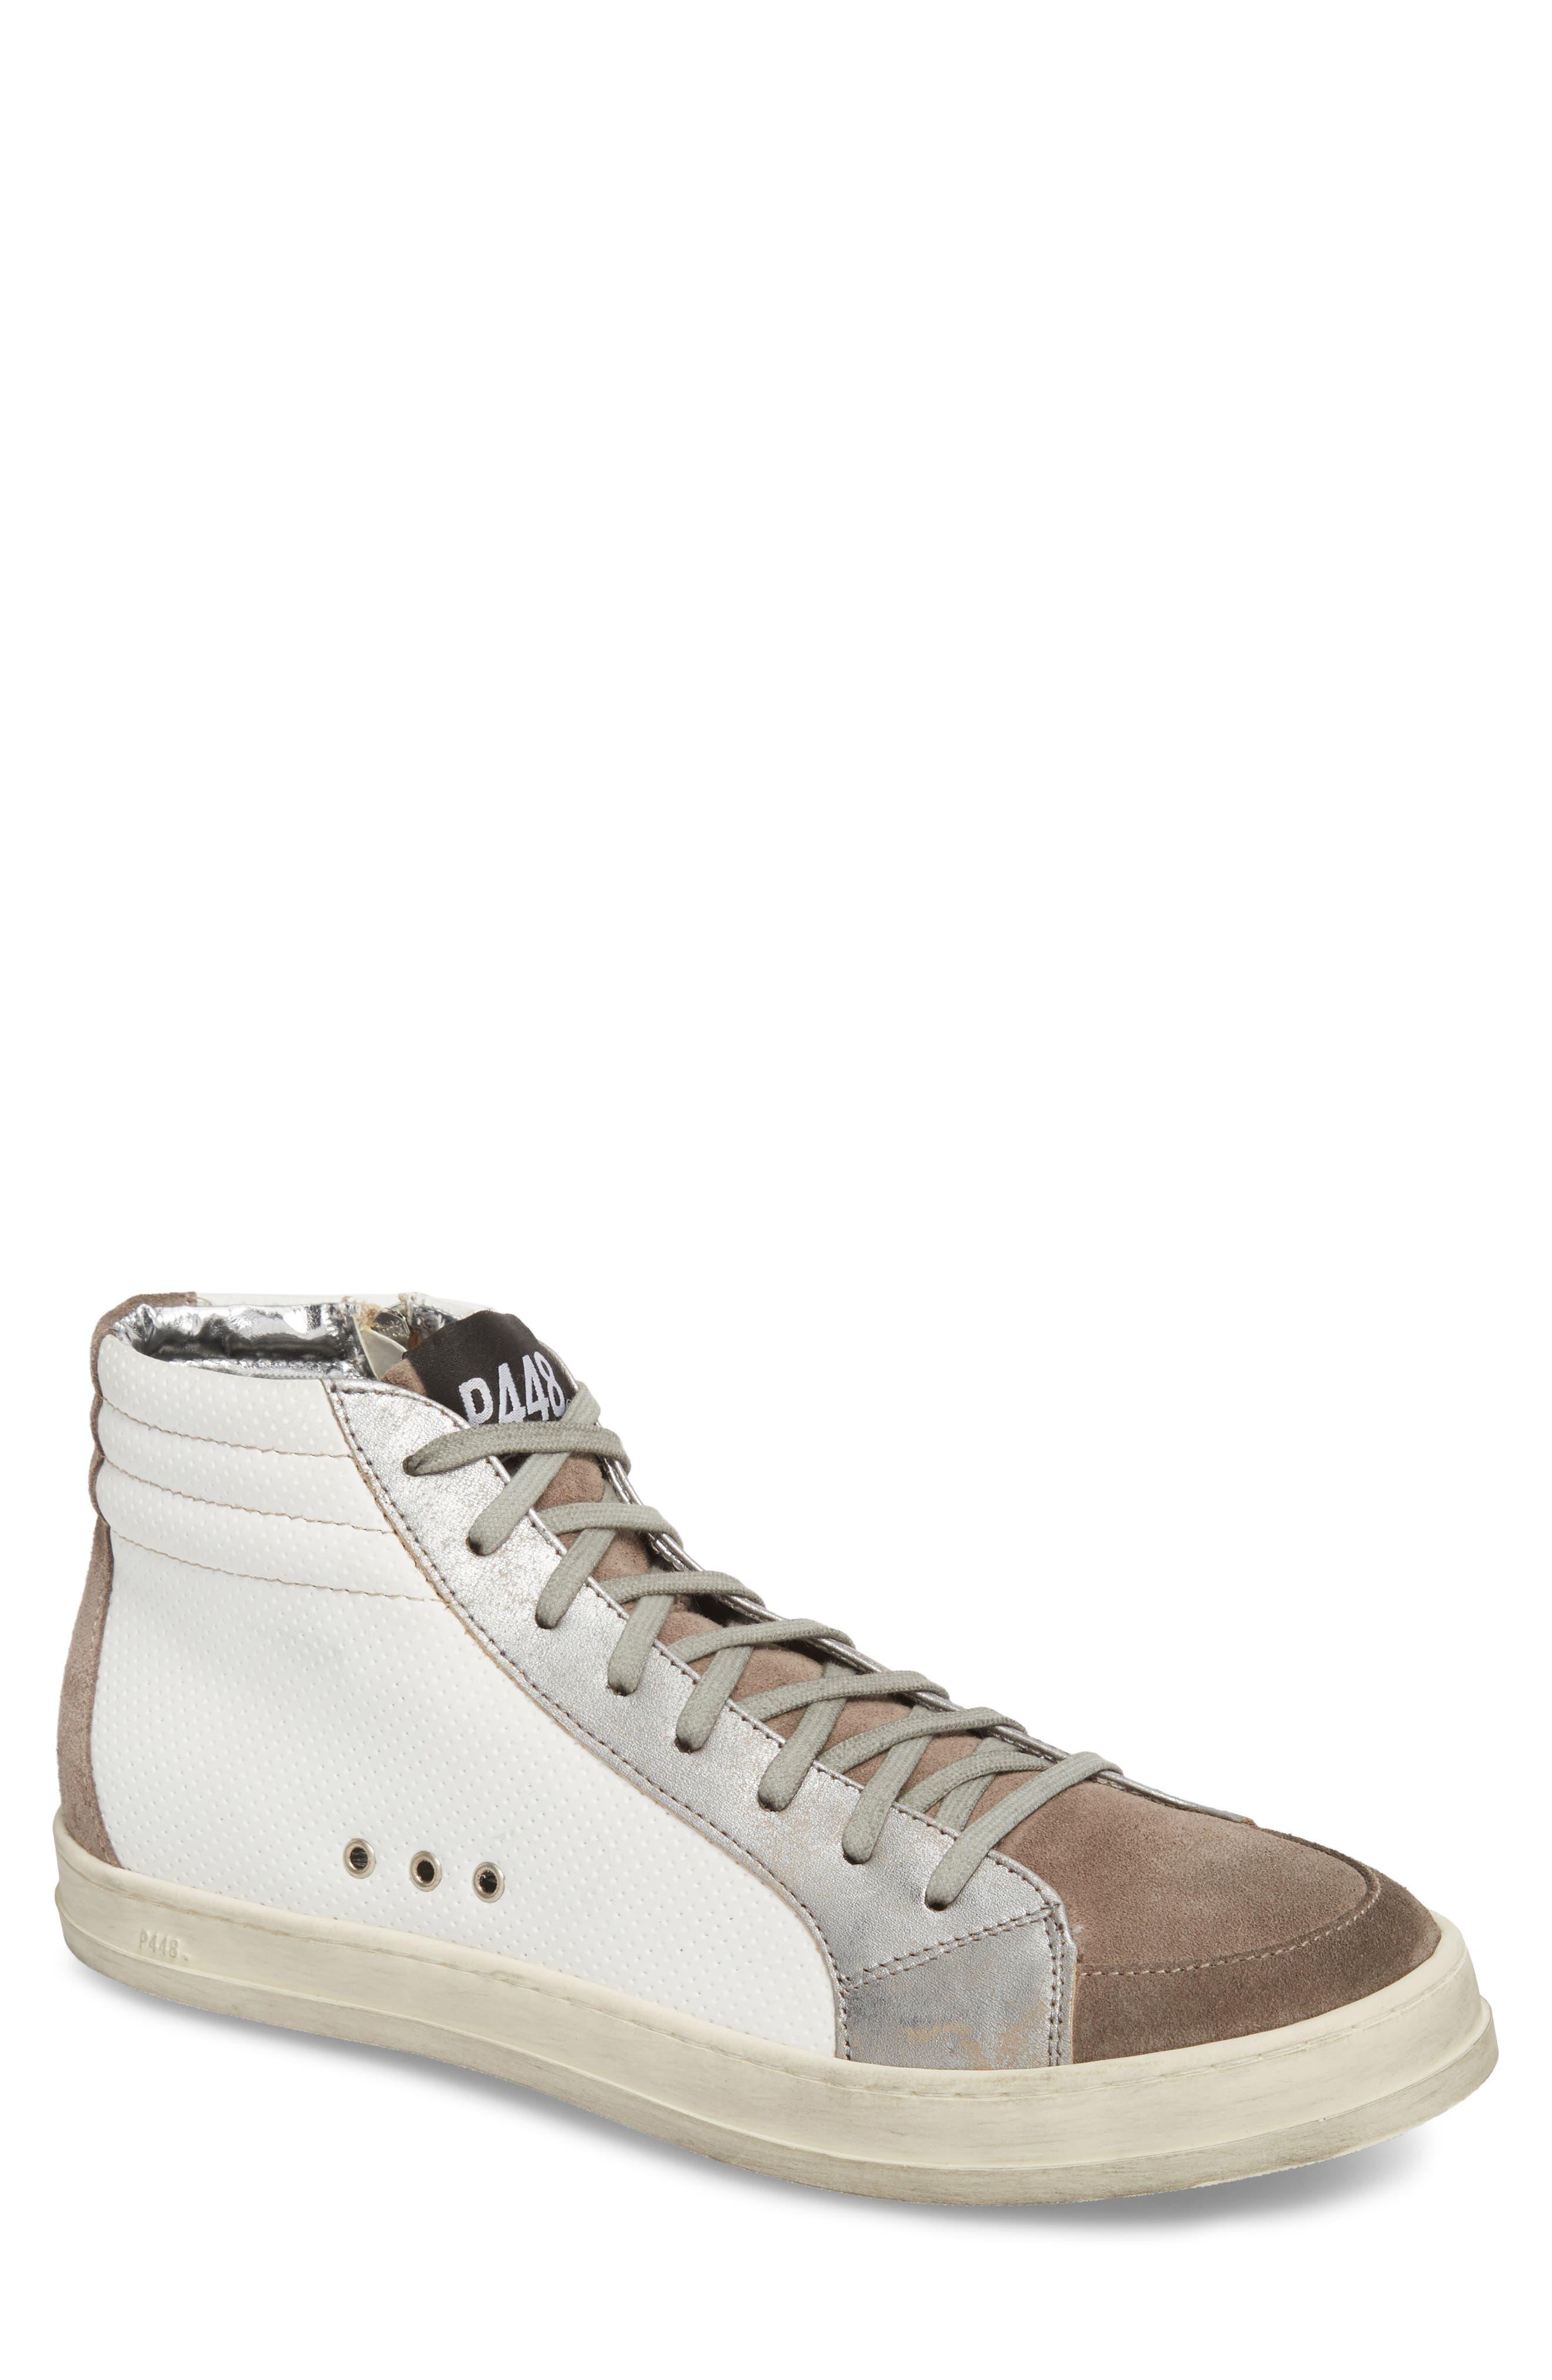 P448 Skate High Top Sneaker, Main, color, 111